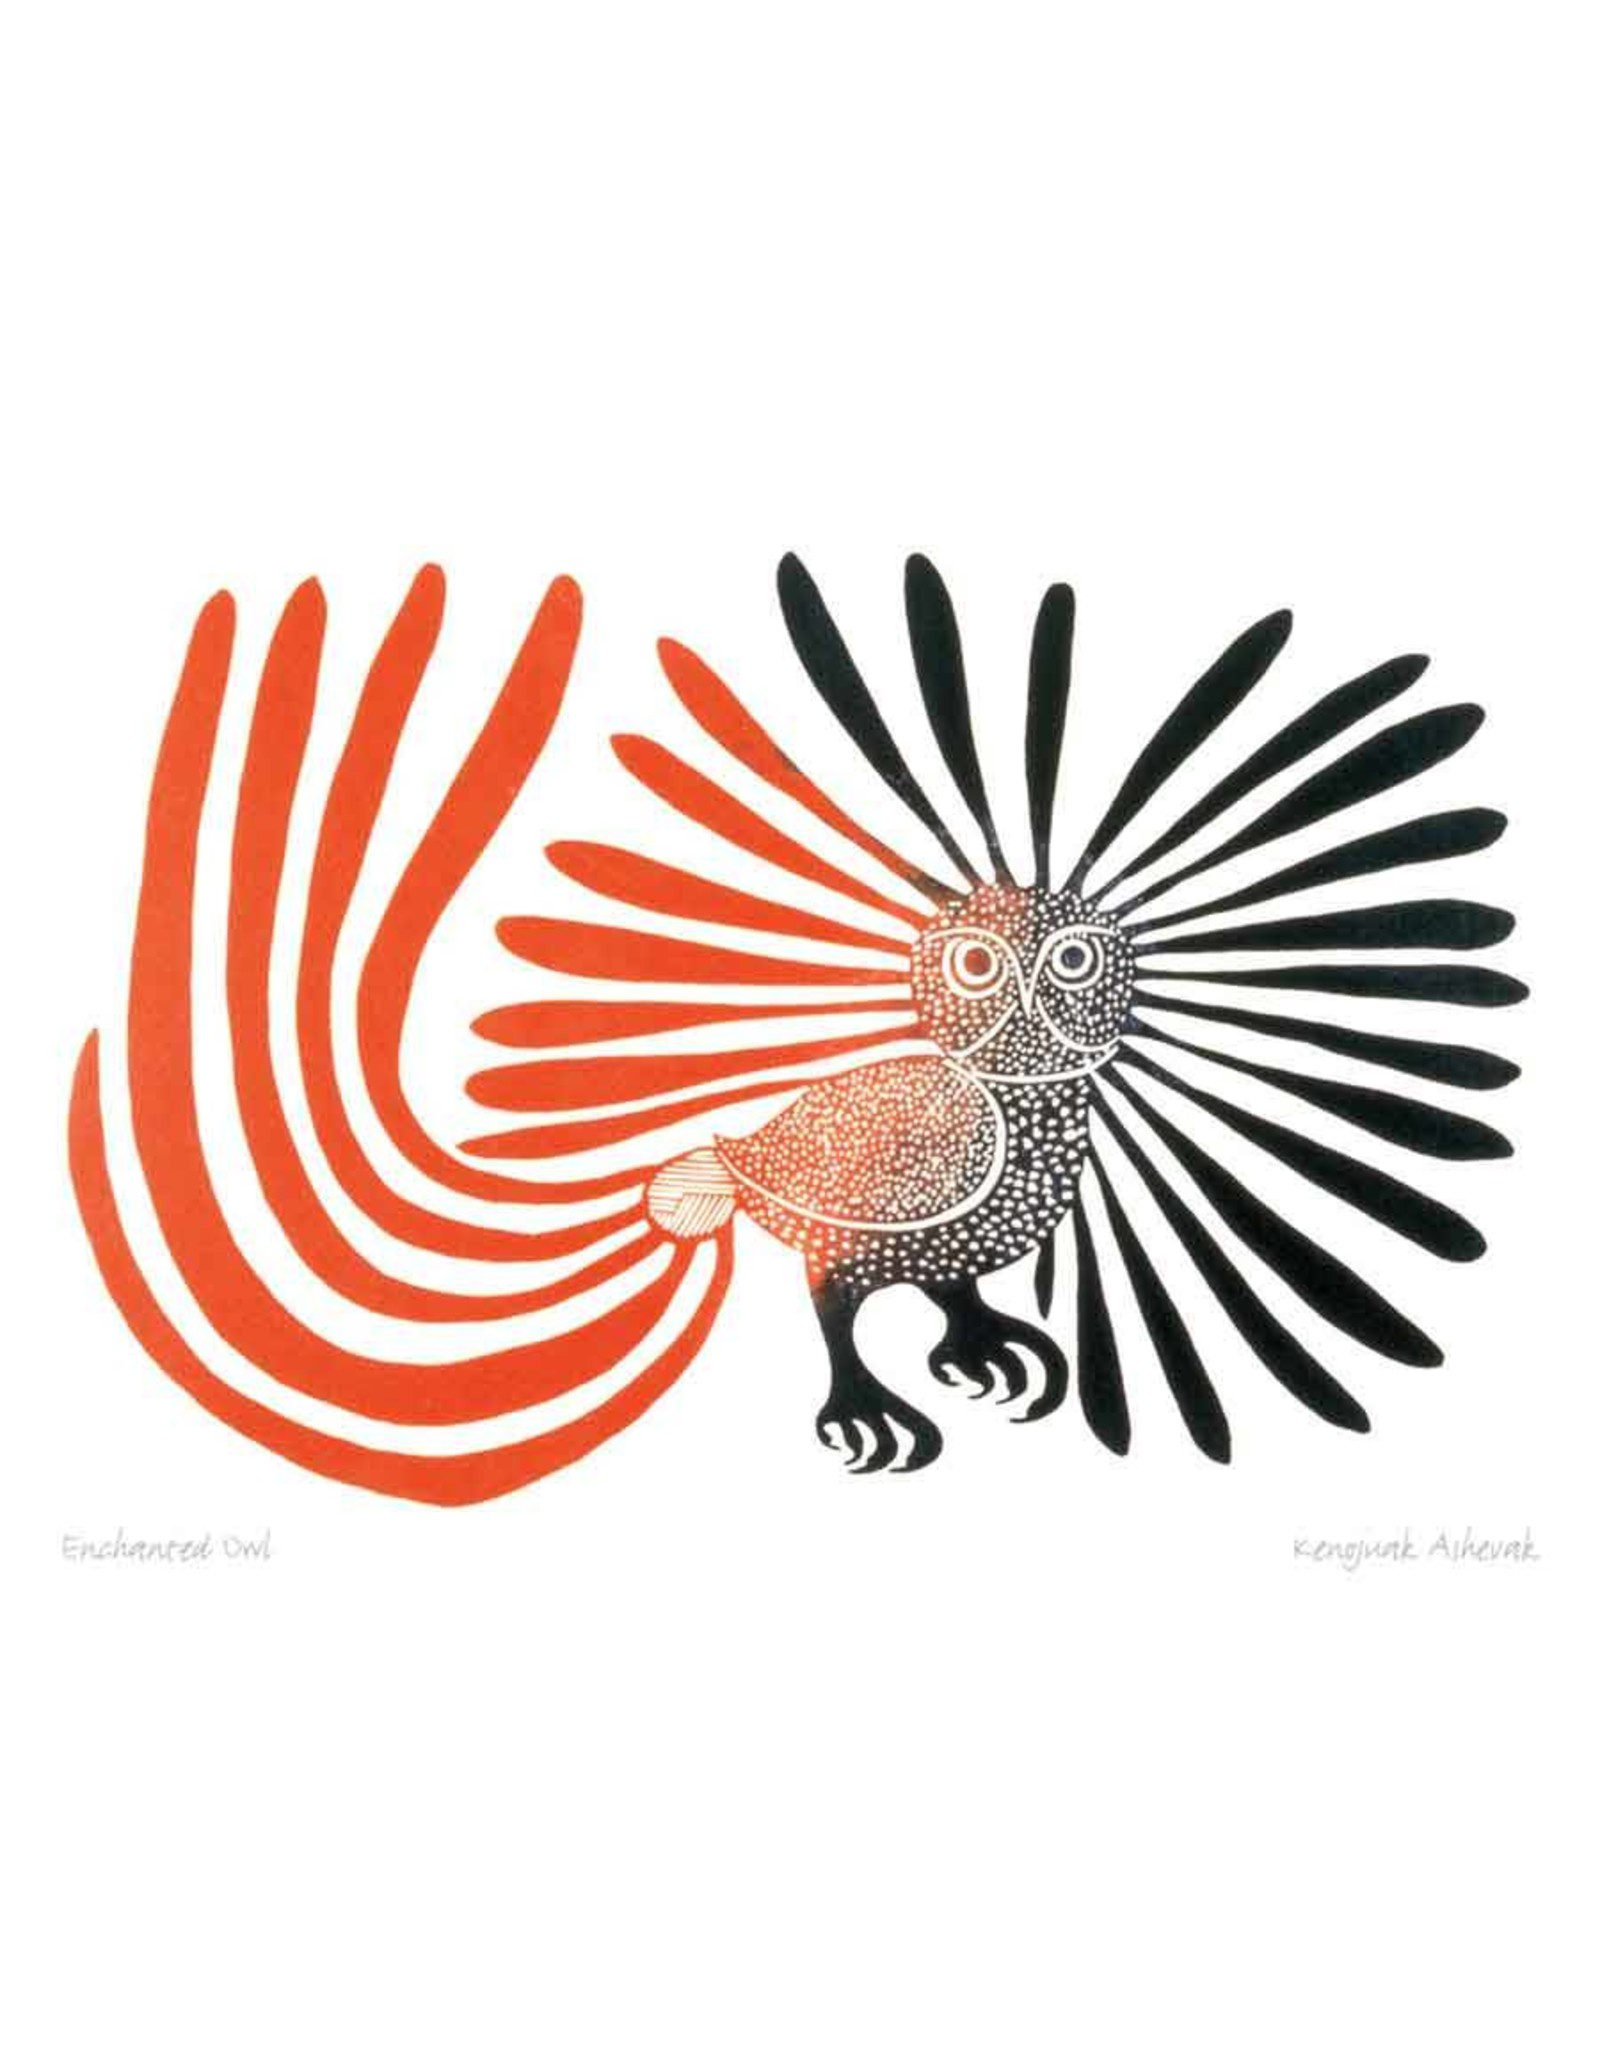 Enchanted Owl by Kenojuak Ashevak Card